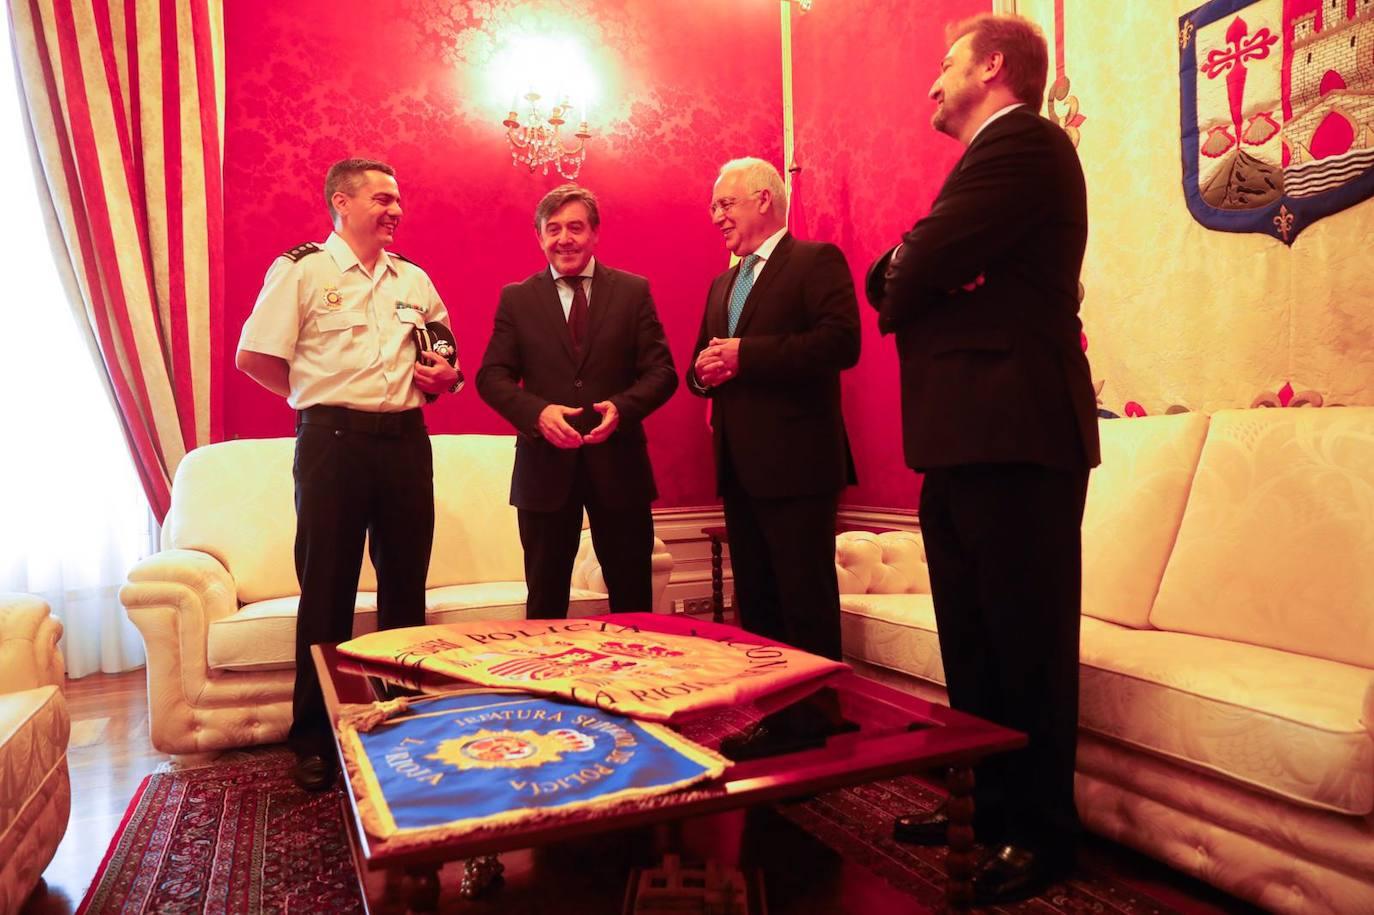 Ceniceros entrega la bandera de España a la Jefatura de Policía de La Rioja